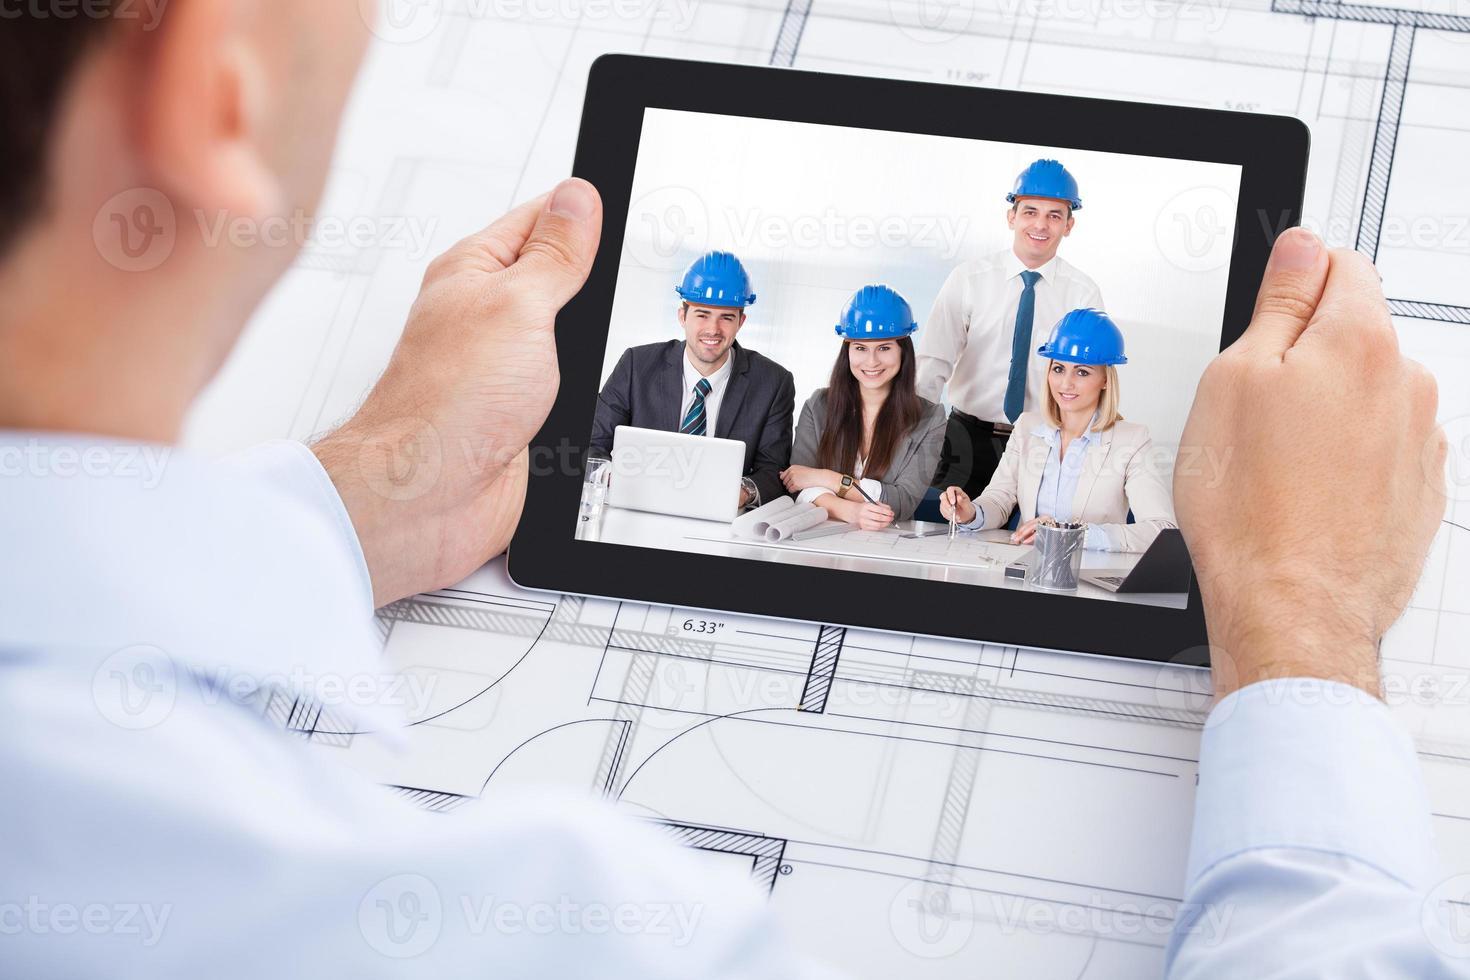 architetto videoconferenza con il team tramite tavoletta digitale foto